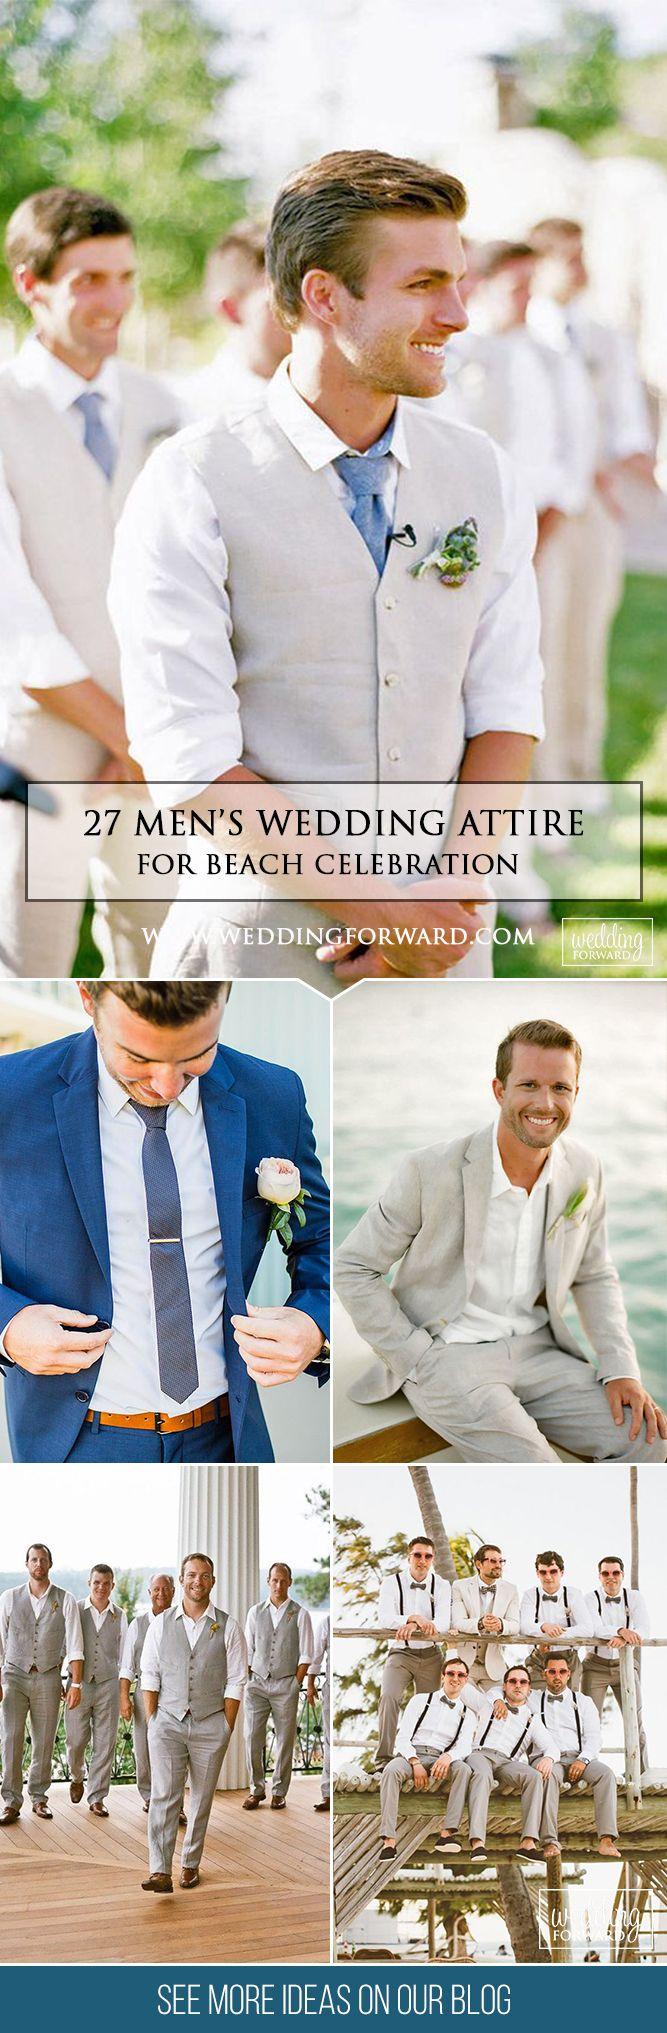 6c9f5e188e 27 Men's Wedding Attire For Beach Celebration ❤ You have decided to do a beach  wedding